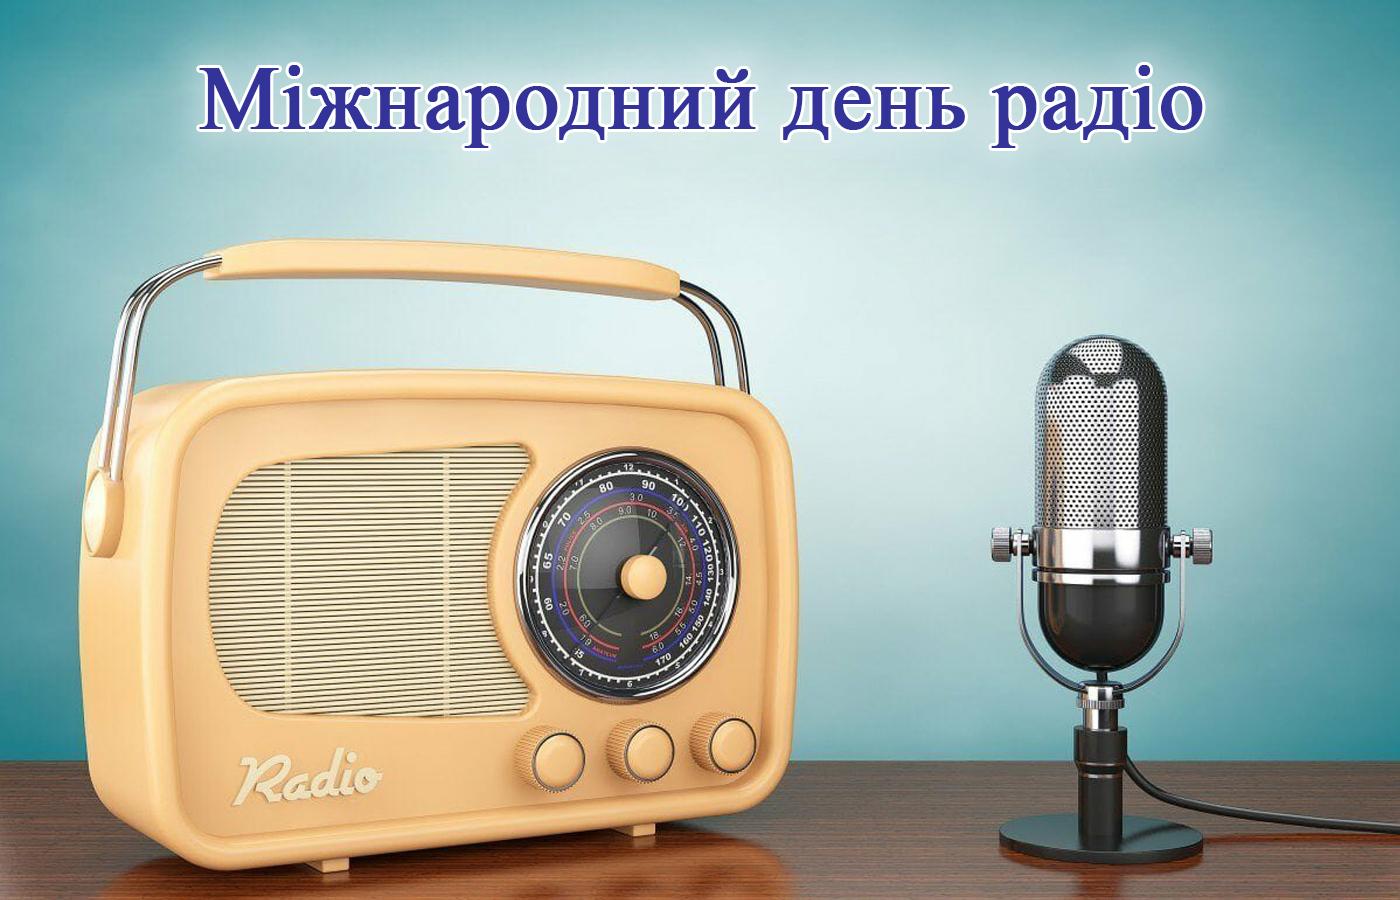 Міжнародний день радіо